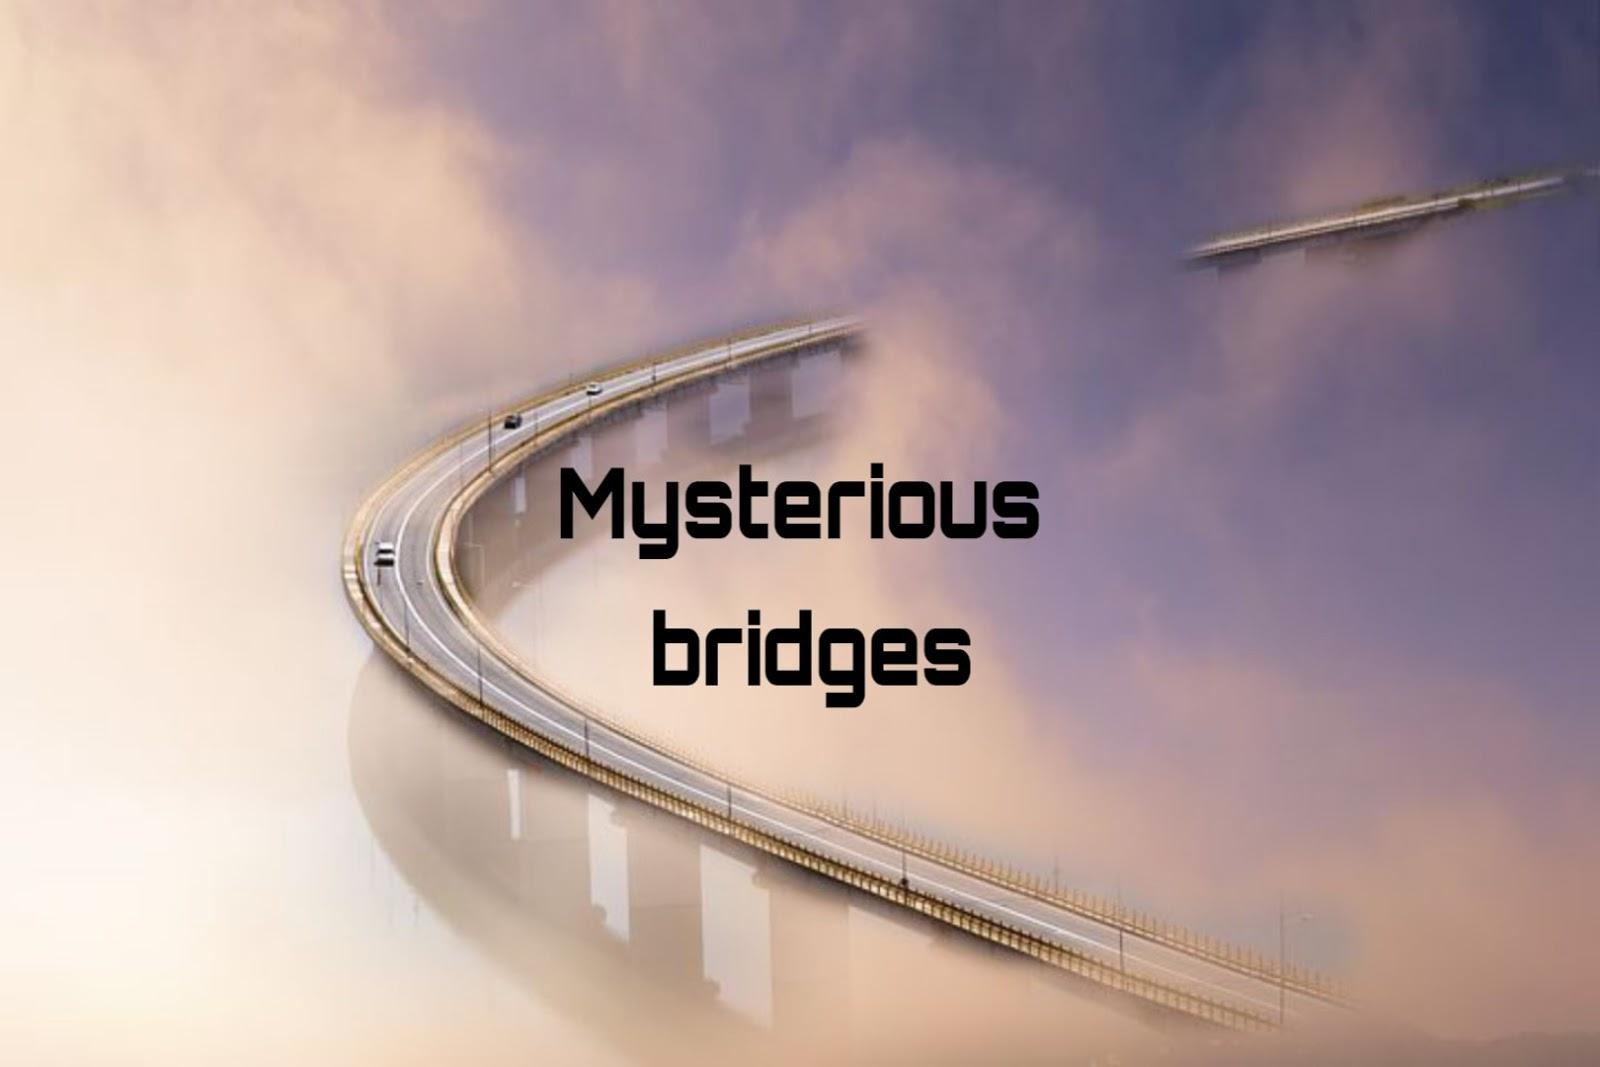 दुनिया के सबसे खतरनाक पुल कौन से है?   विश्व के 10 सबसे खतरनाक और अजीबो गरीब ब्रिज